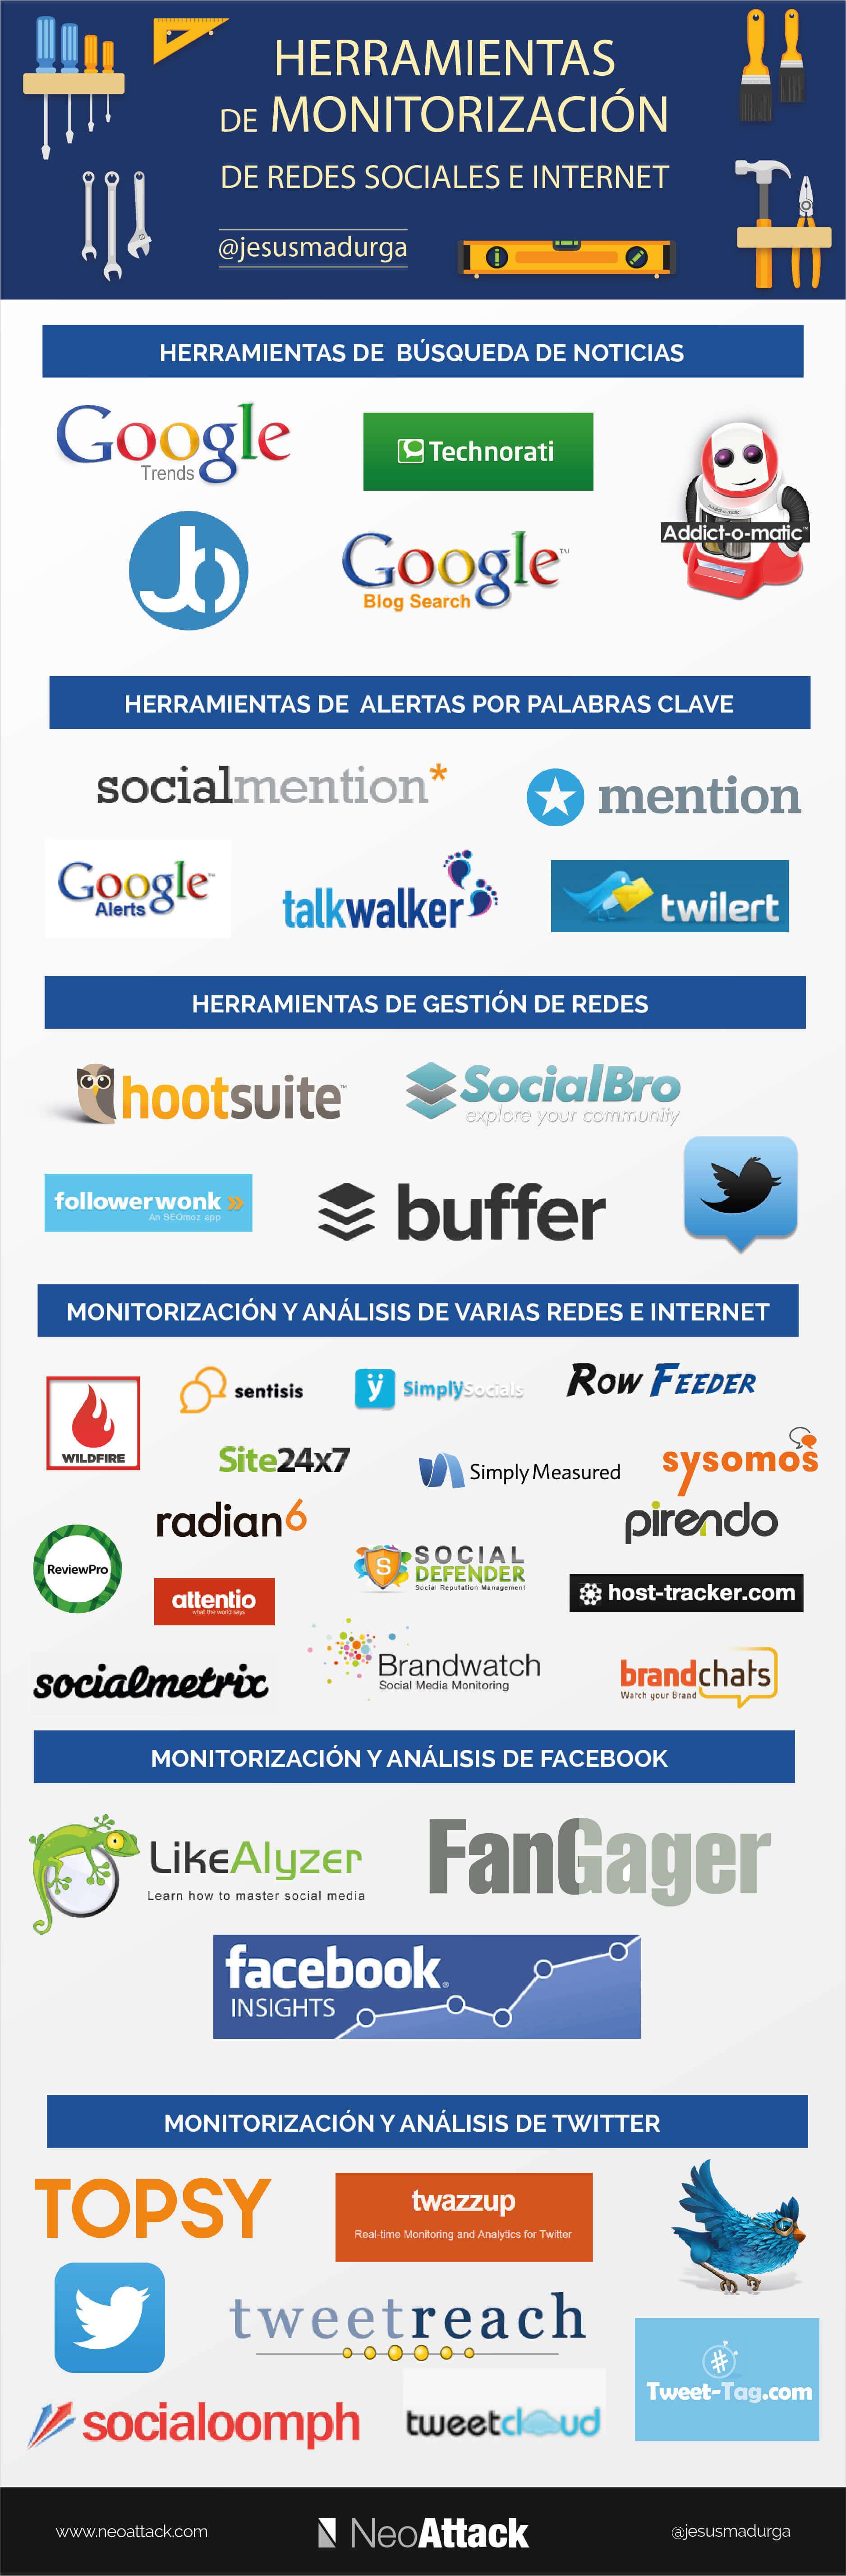 las-mejores-herramientas-de-monitoreo-en-internet-infografia-en-espanol